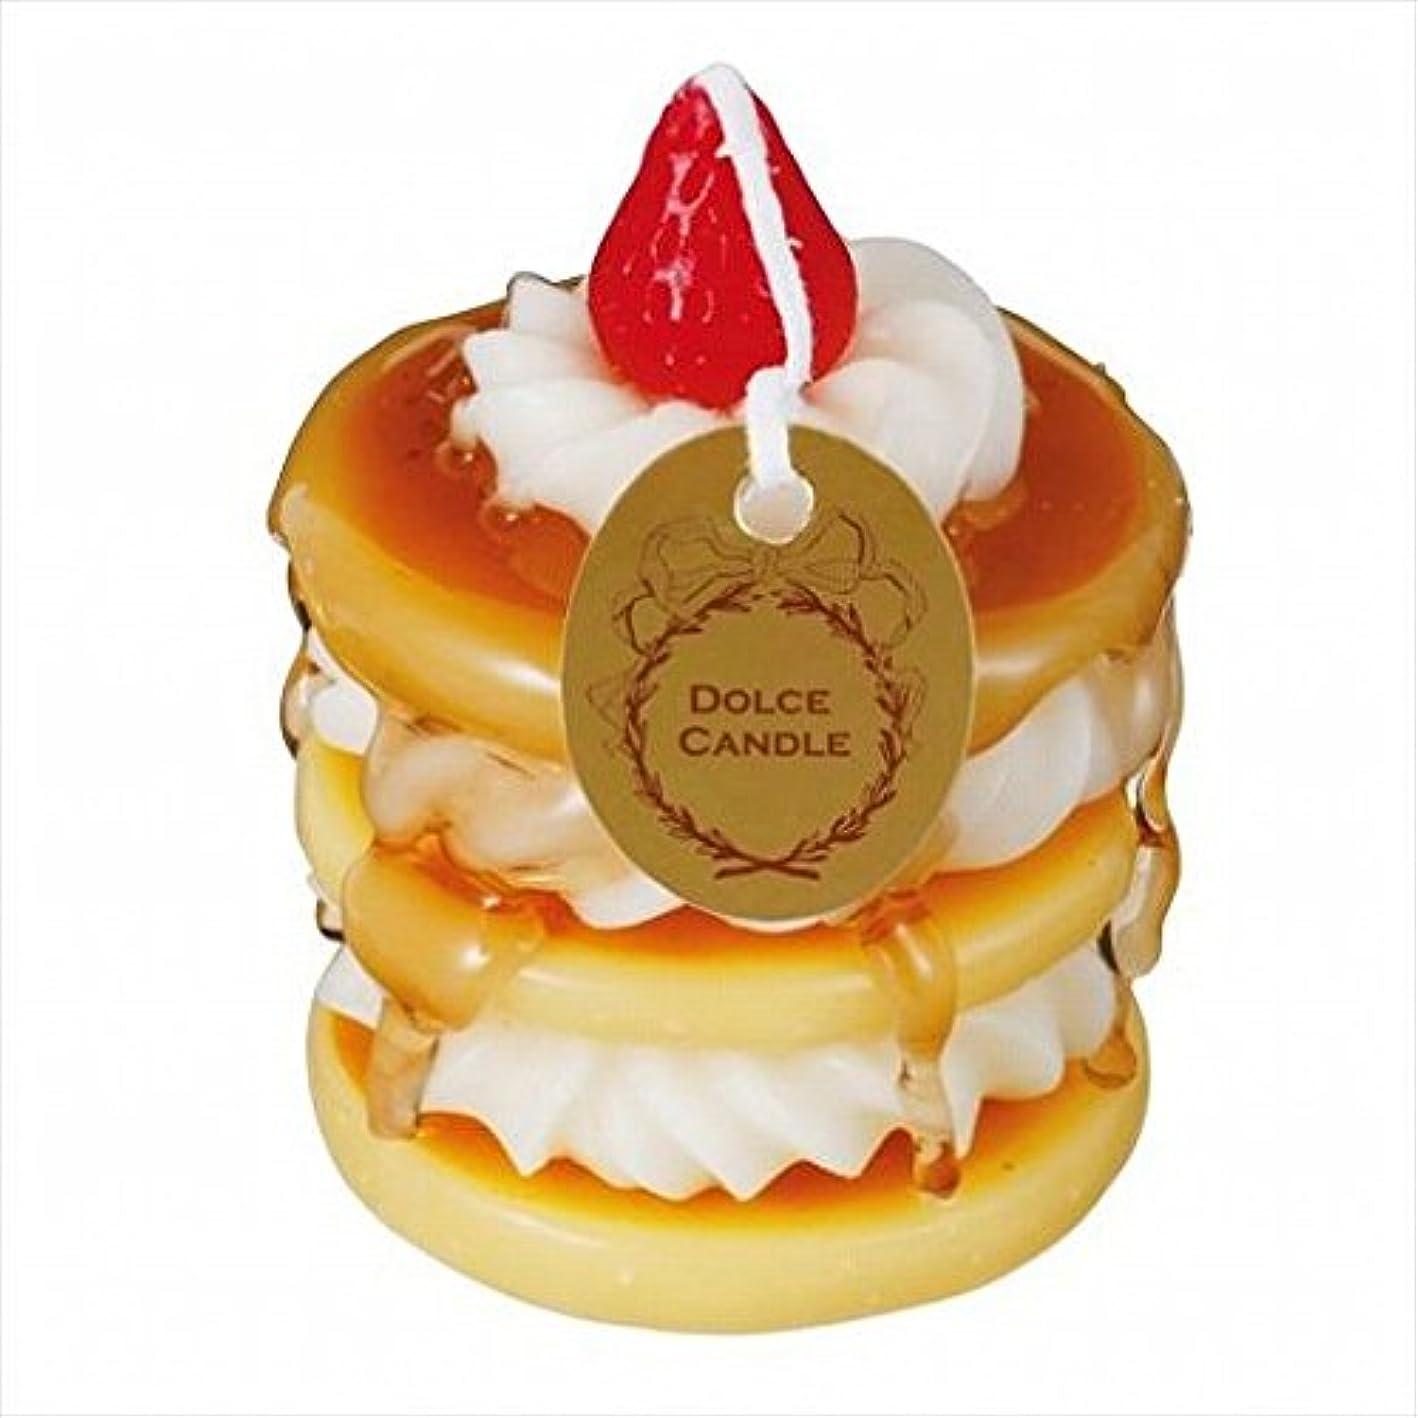 駐地意図的大使館sweets candle(スイーツキャンドル) ドルチェキャンドル 「 パンケーキ 」 キャンドル 56x56x80mm (A4340550)